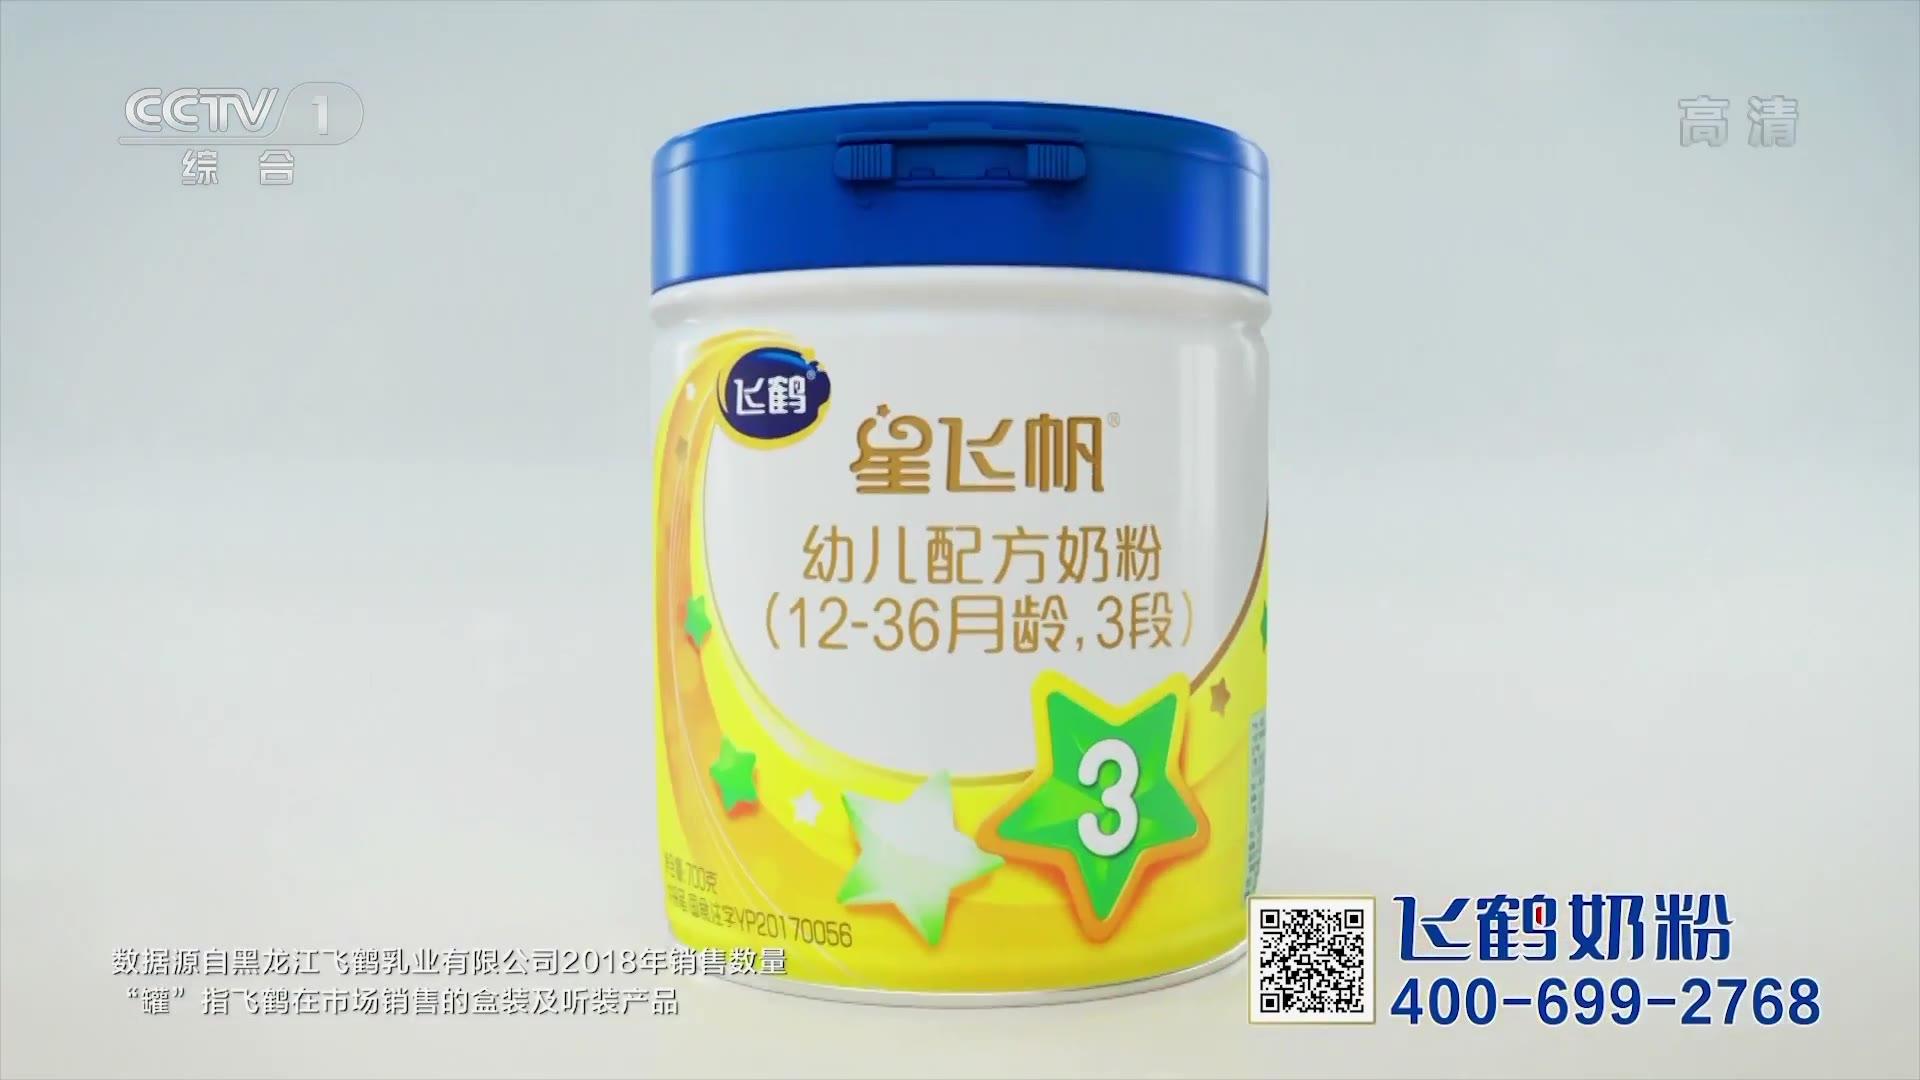 央视广告欣赏-飞鹤星飞帆幼儿配方奶粉-3